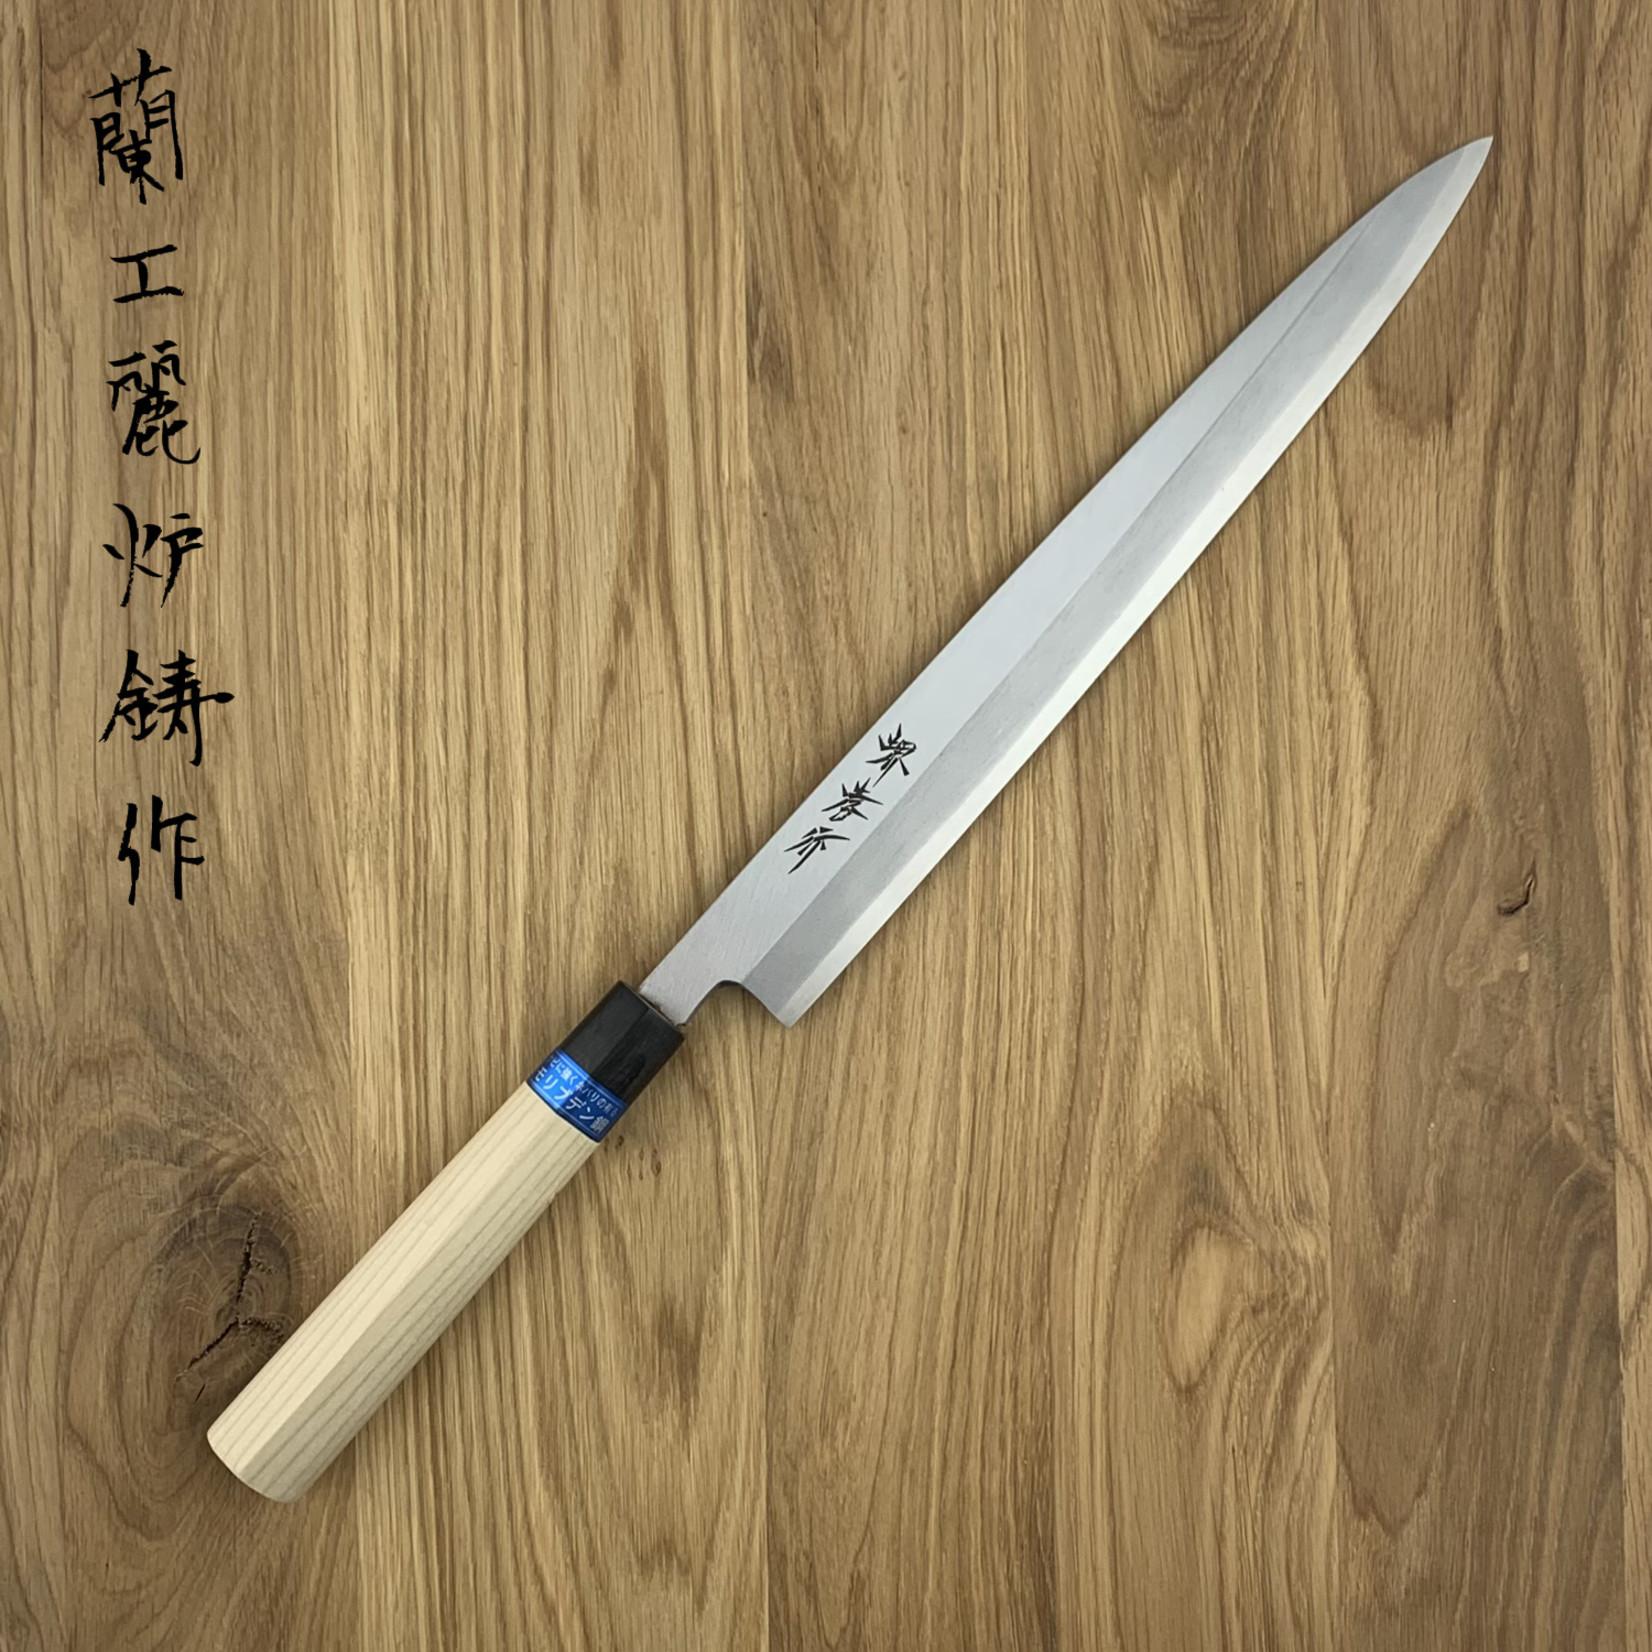 SAKAI TAKAYUKI Inox Japanese Stainless Magnolia Heft Yanagiba 270 mm 04304